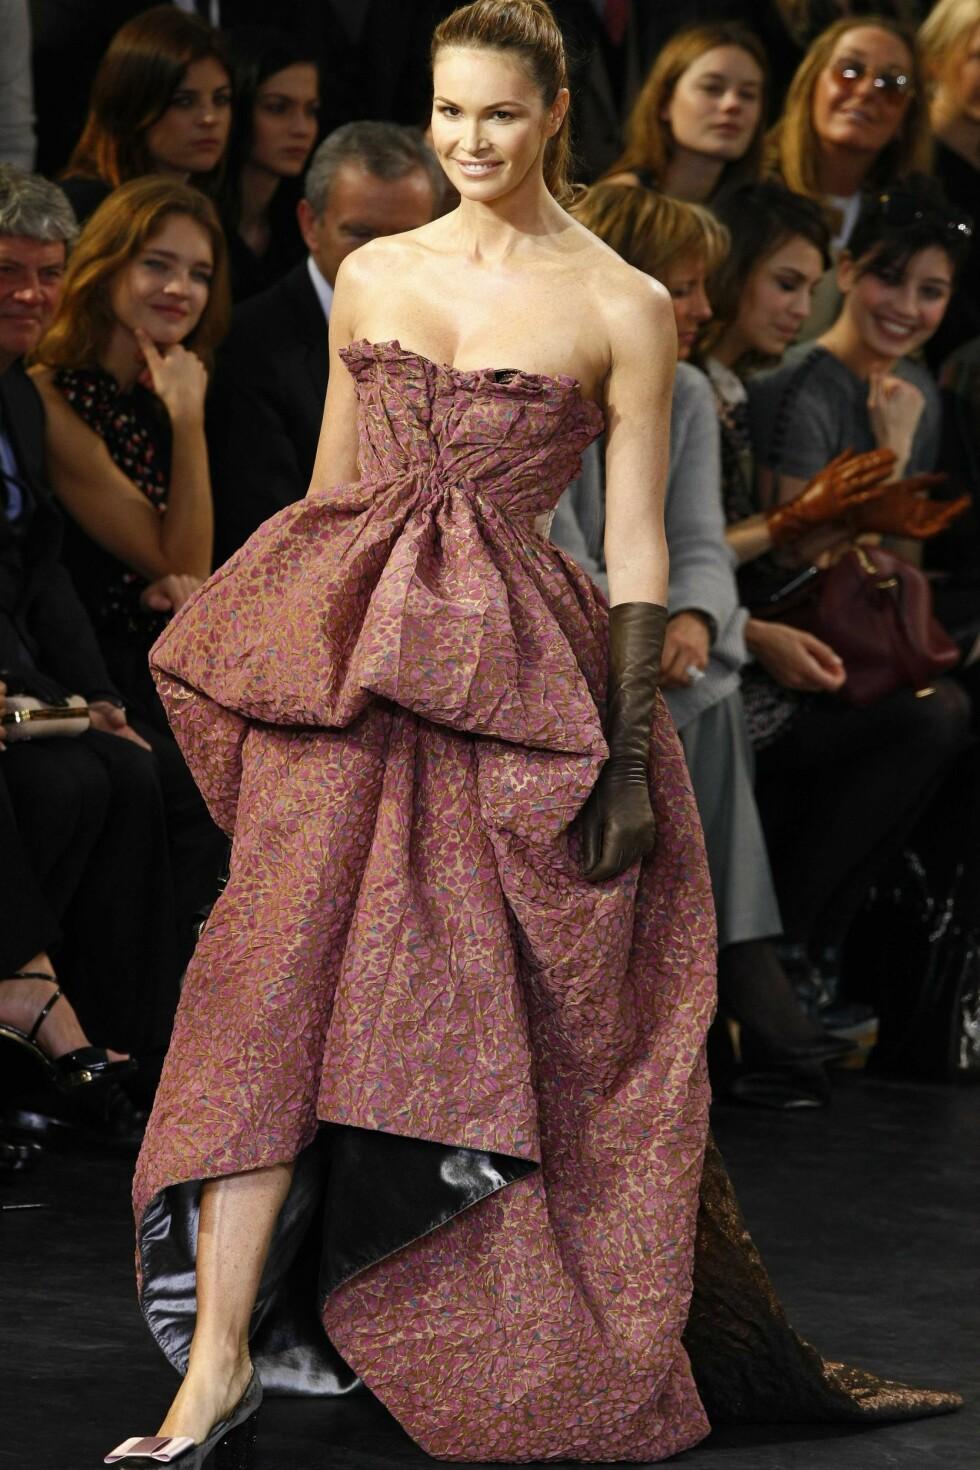 Veteranen Elle MacPherson var også blant Louis Vuittons modeller. Foto: All Over PressAll Over Press